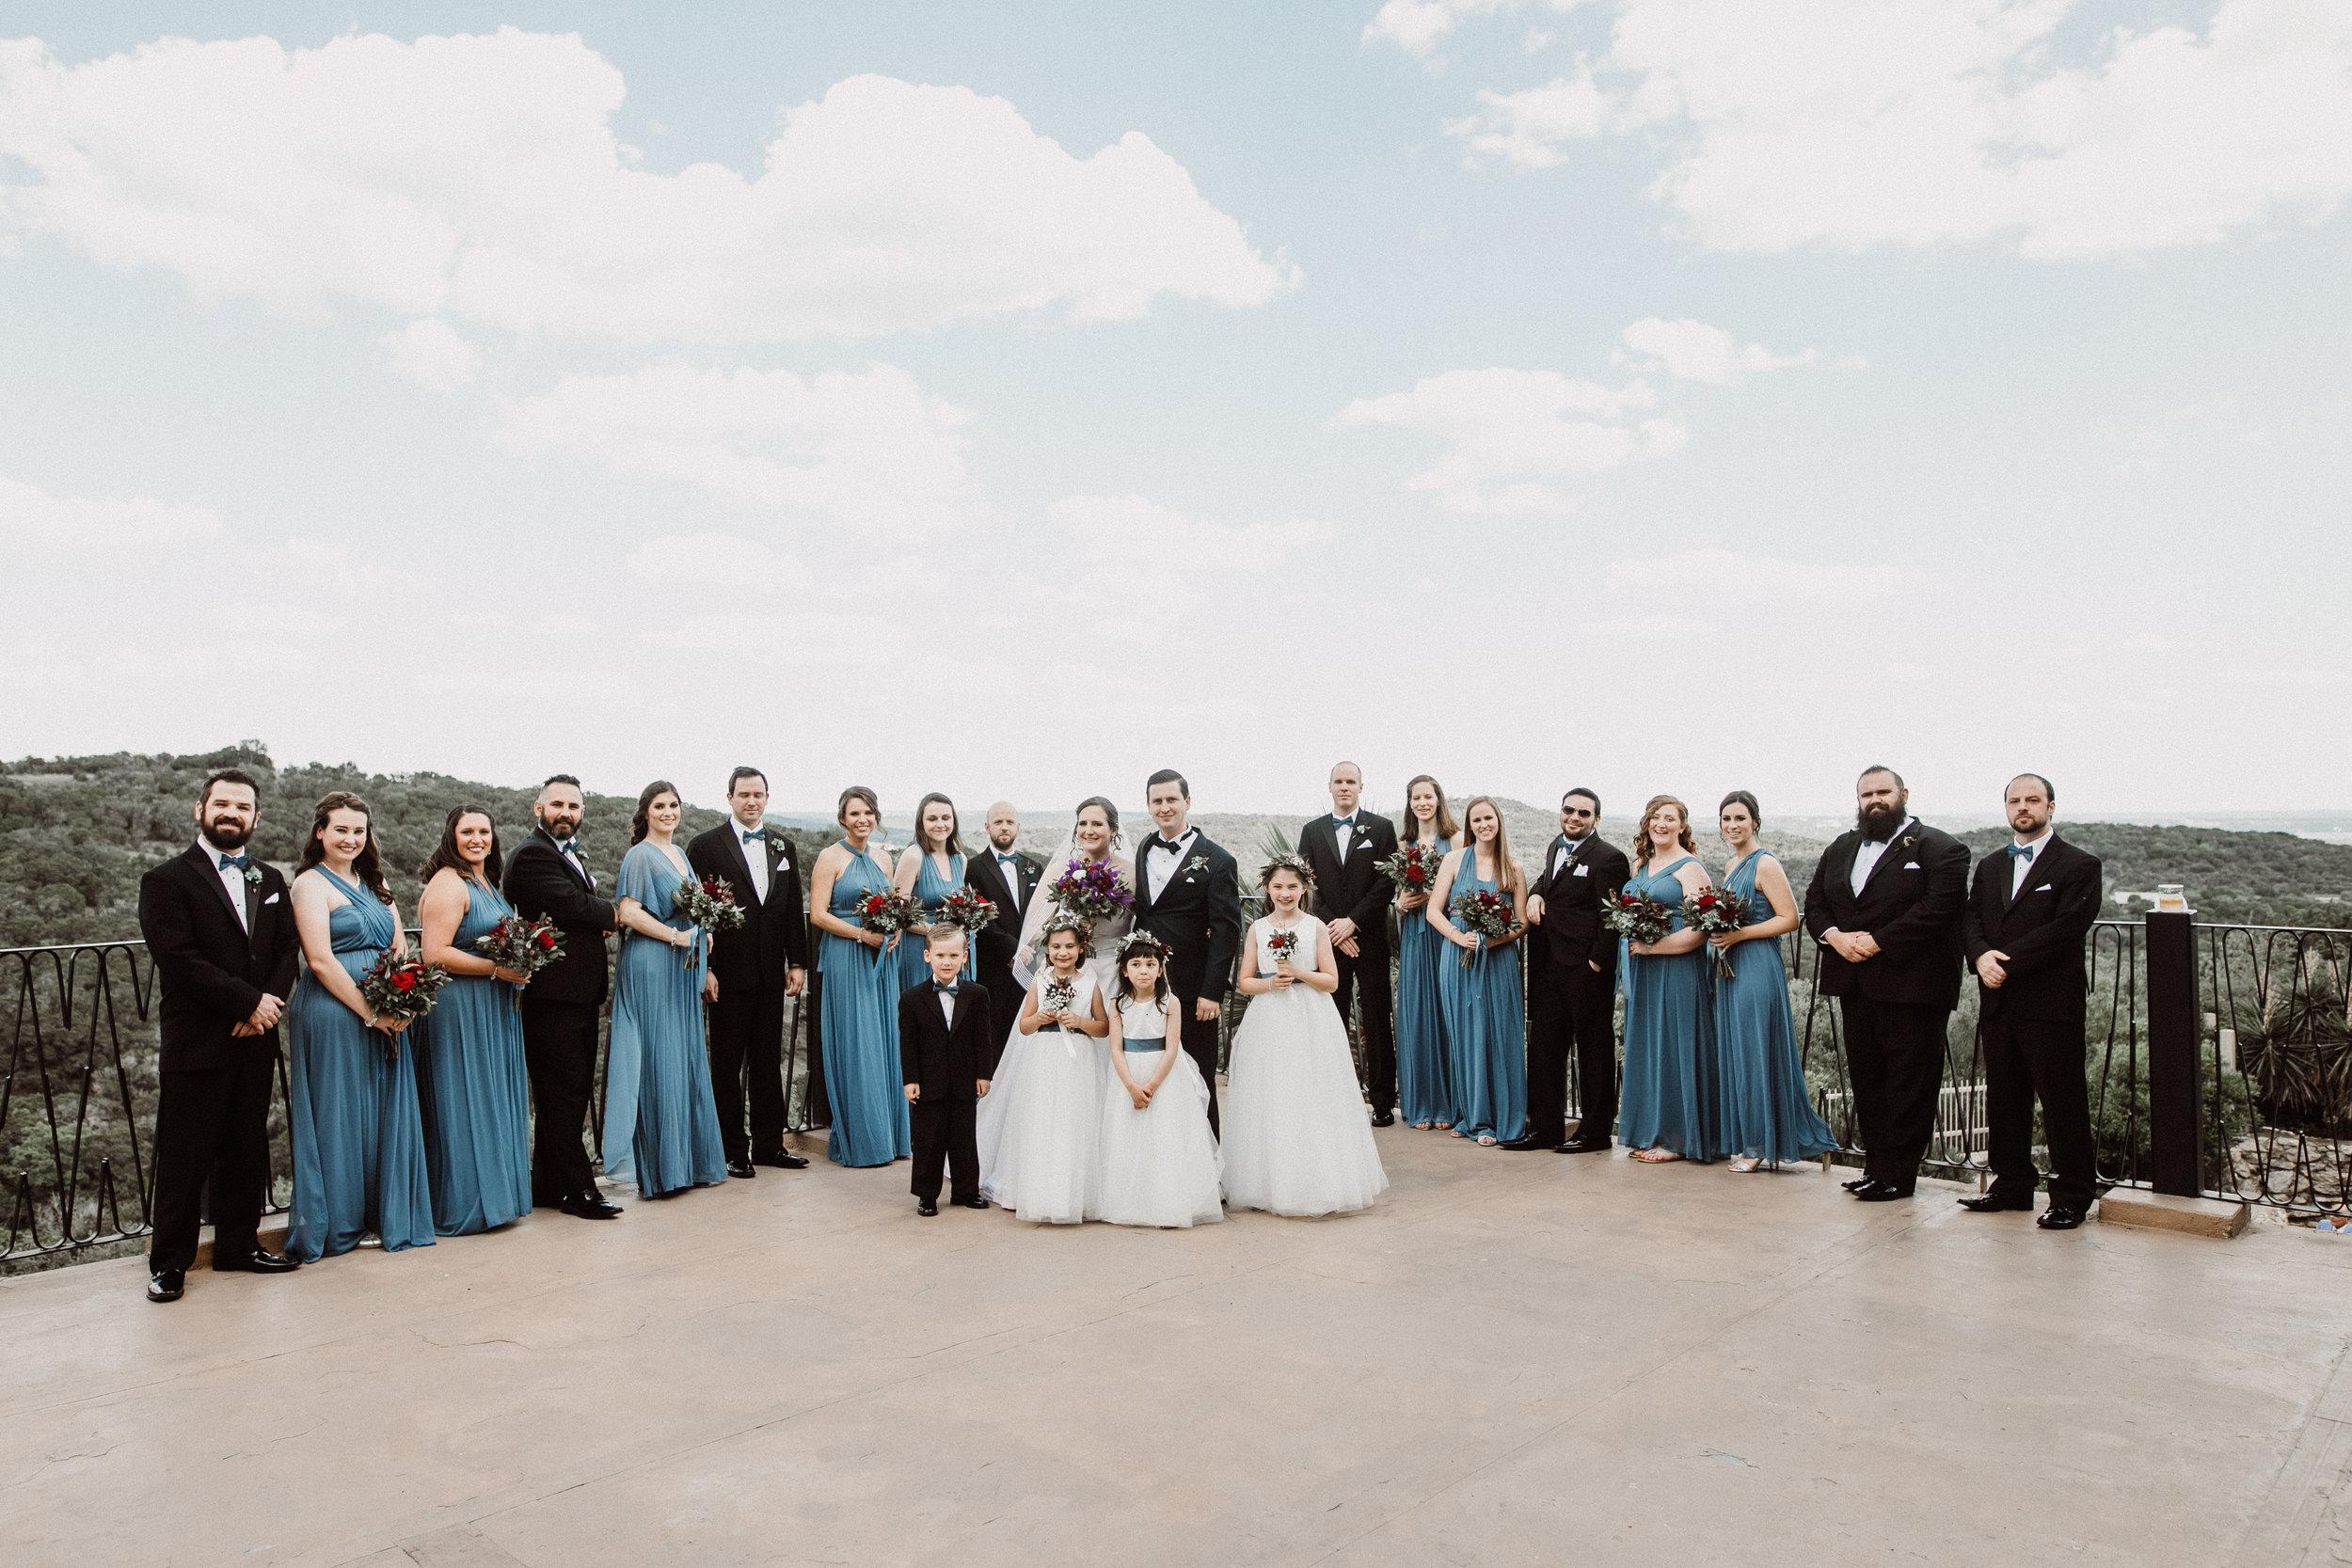 villa-antonia-wedding-JT (384 of 818).jpg